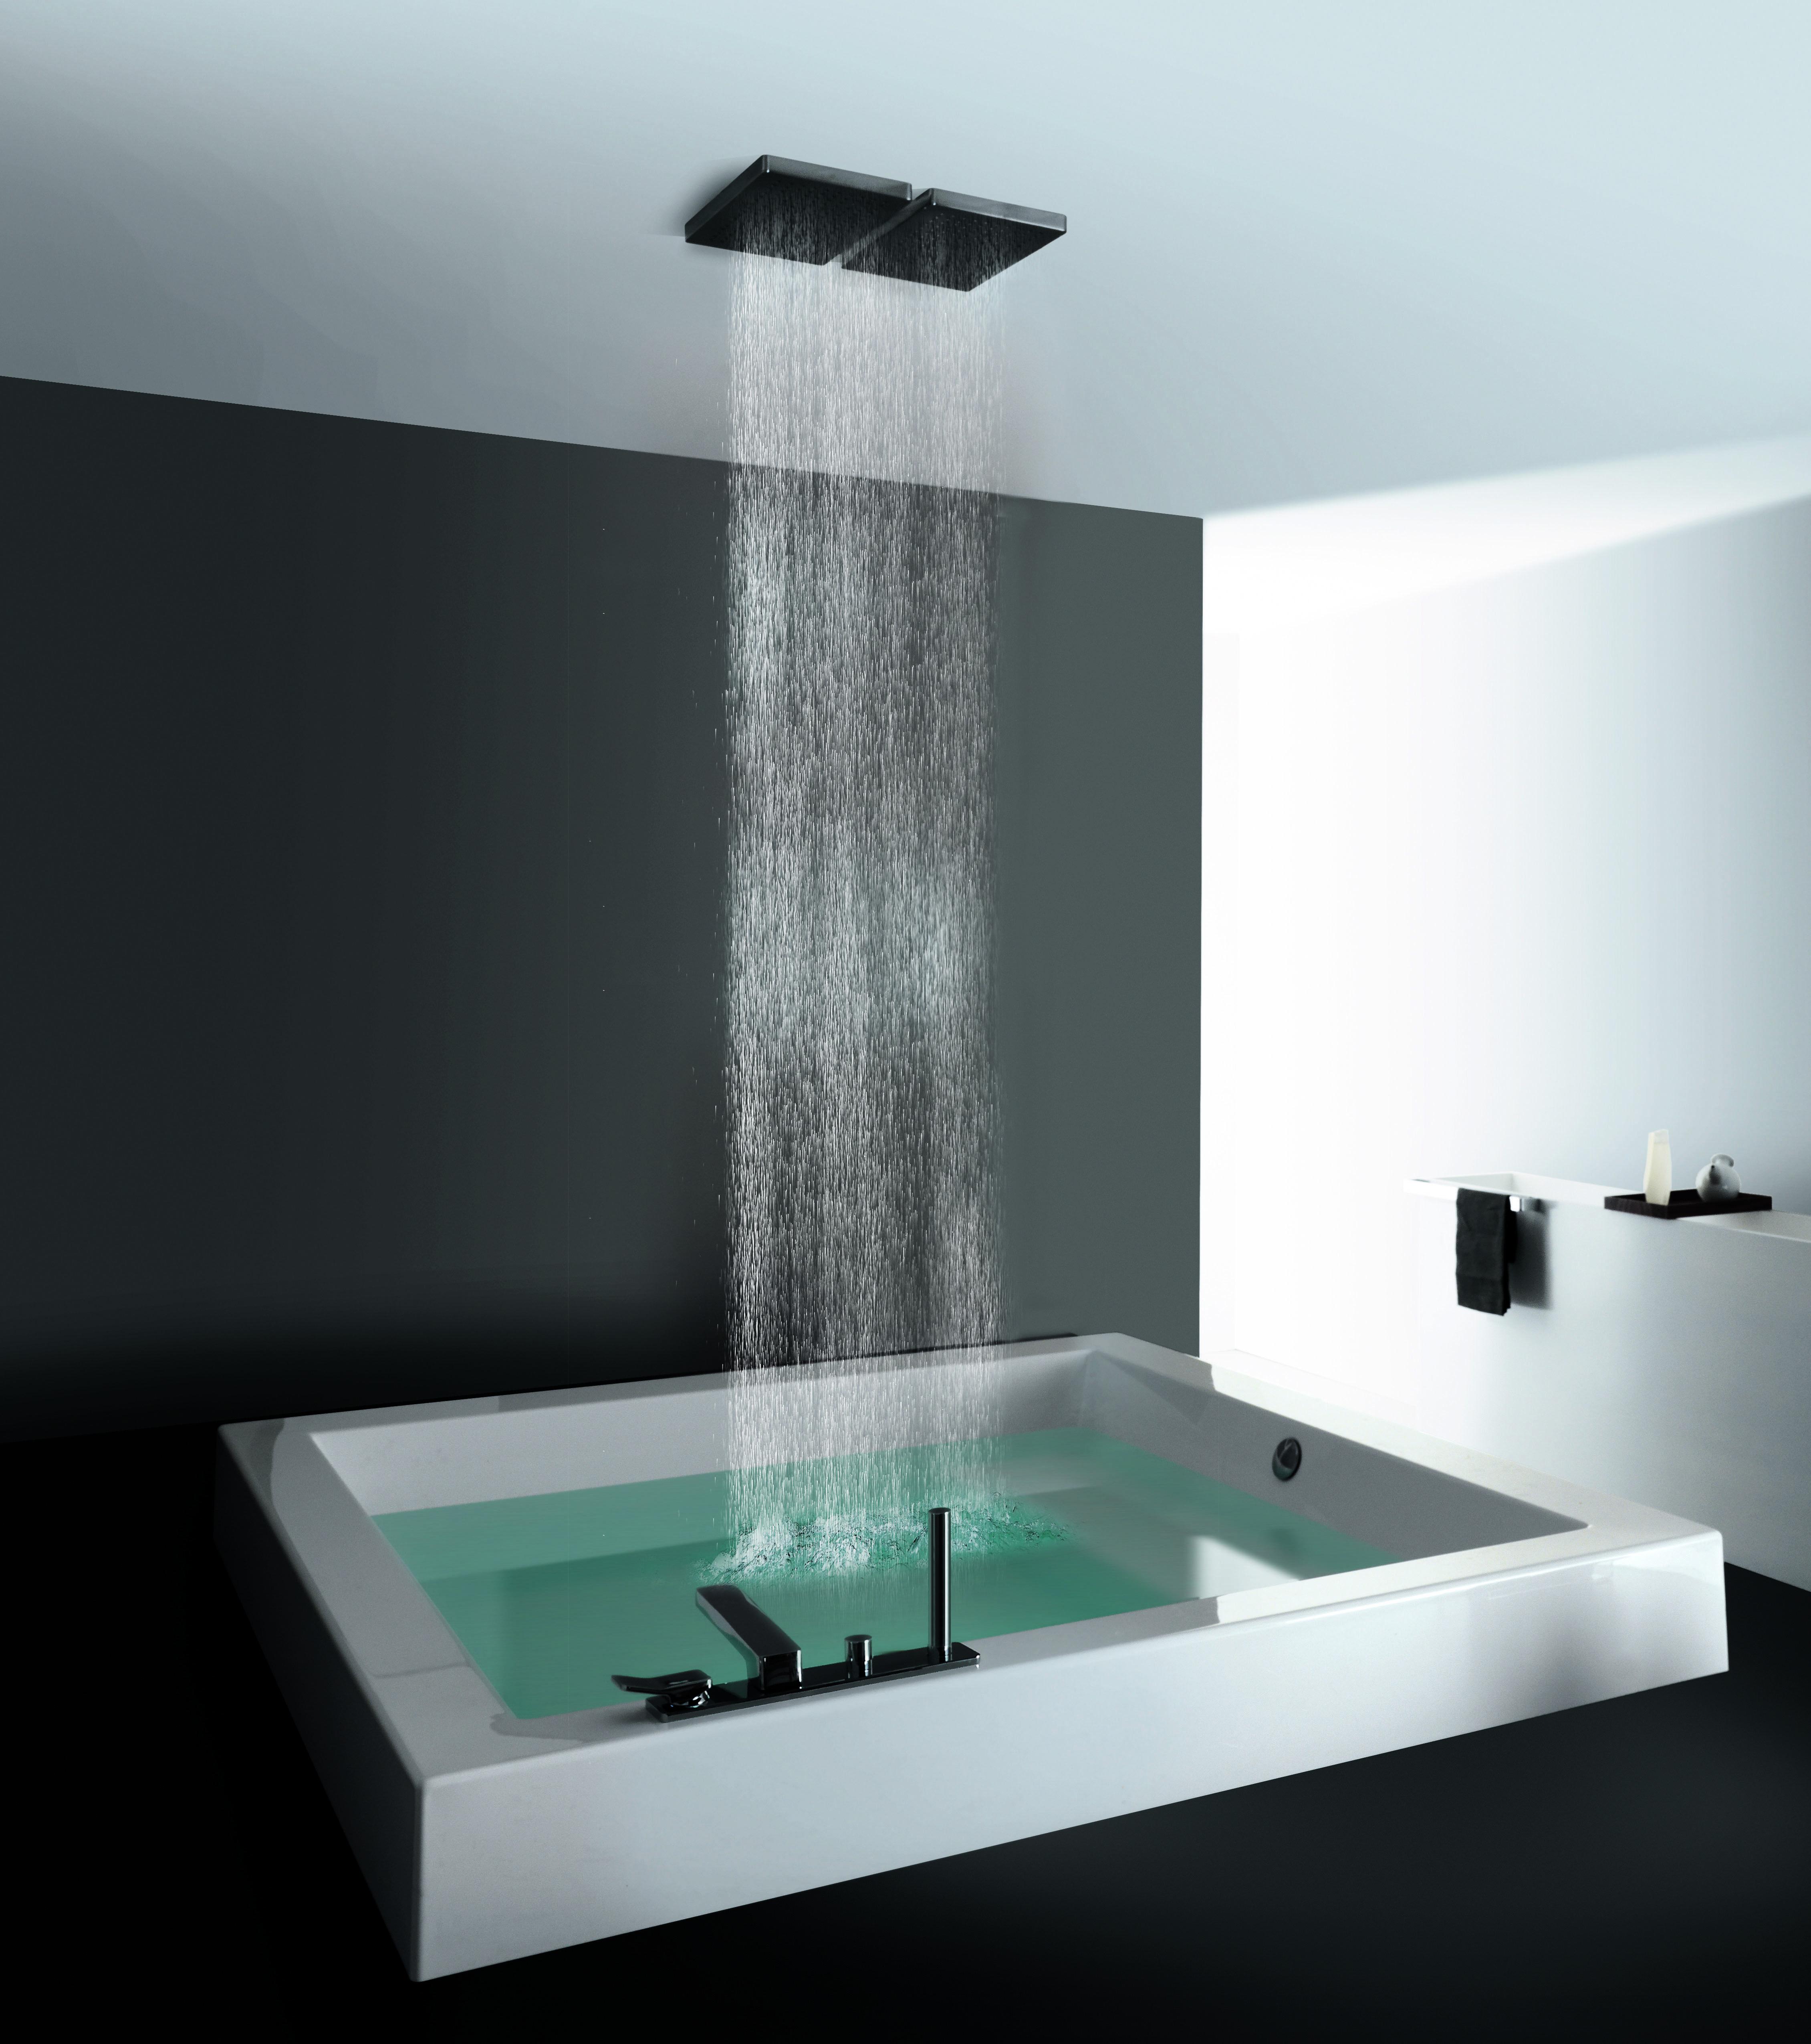 Zucchetti Kos Luxus Badewanne Badezimmer Design Regendusche